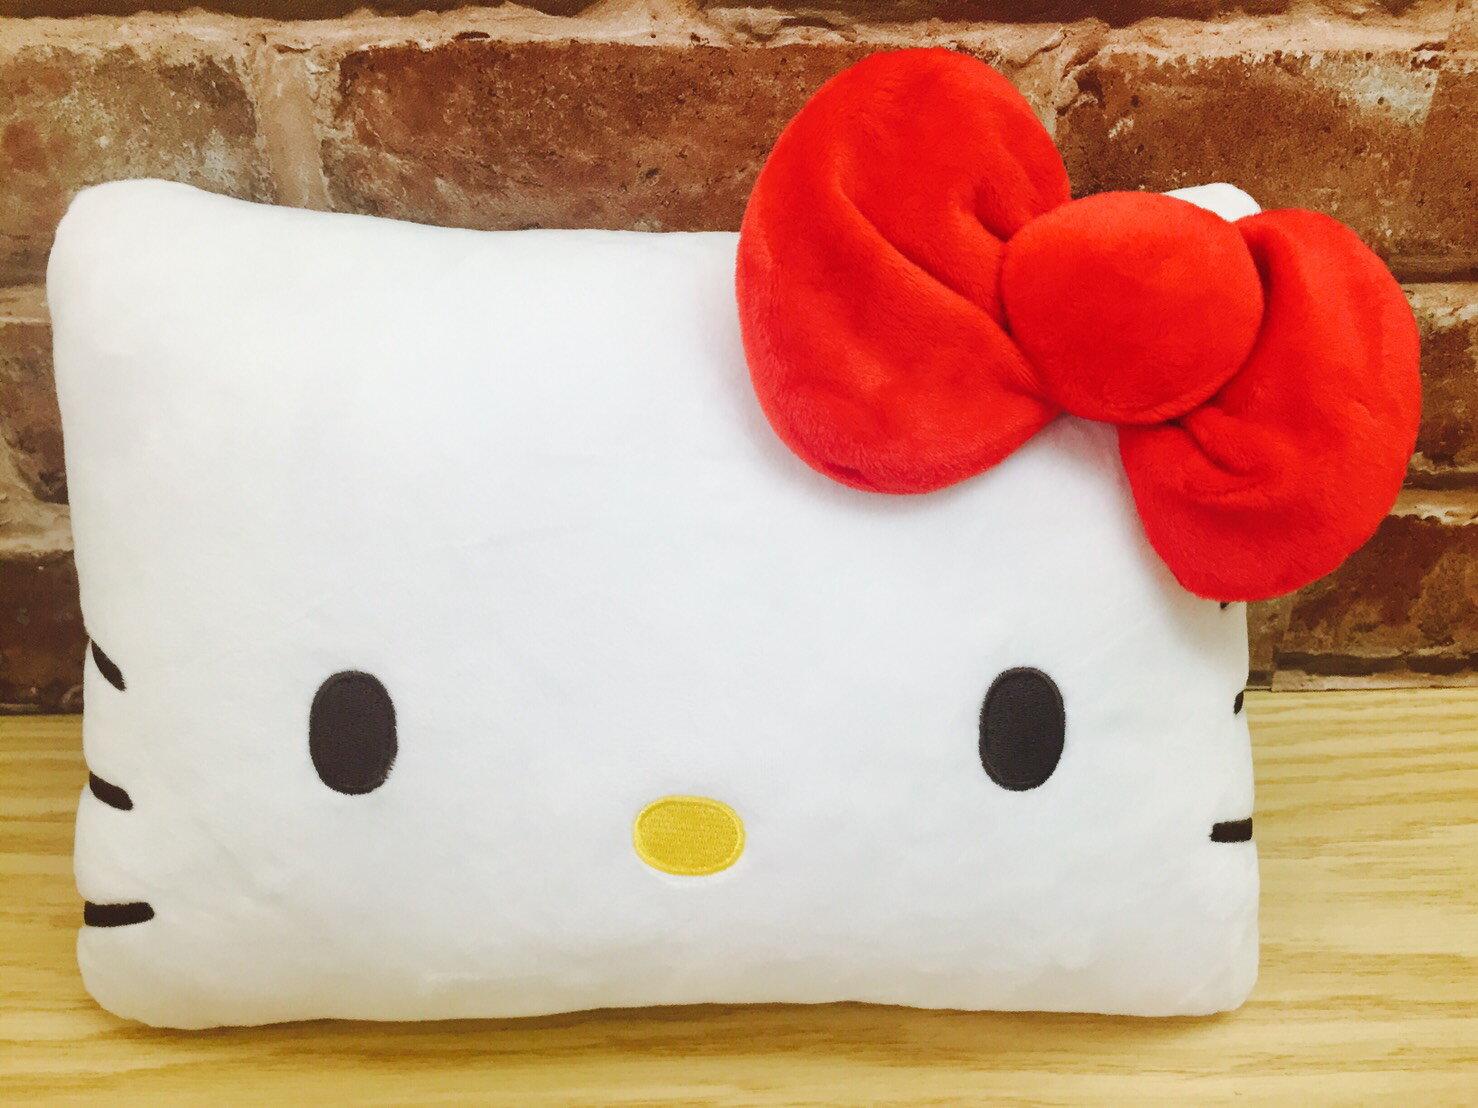 【真愛日本】17041800001 大臉長型抱枕-KT紅結 三麗鷗 Hello Kitty 凱蒂貓  抱枕 靠枕